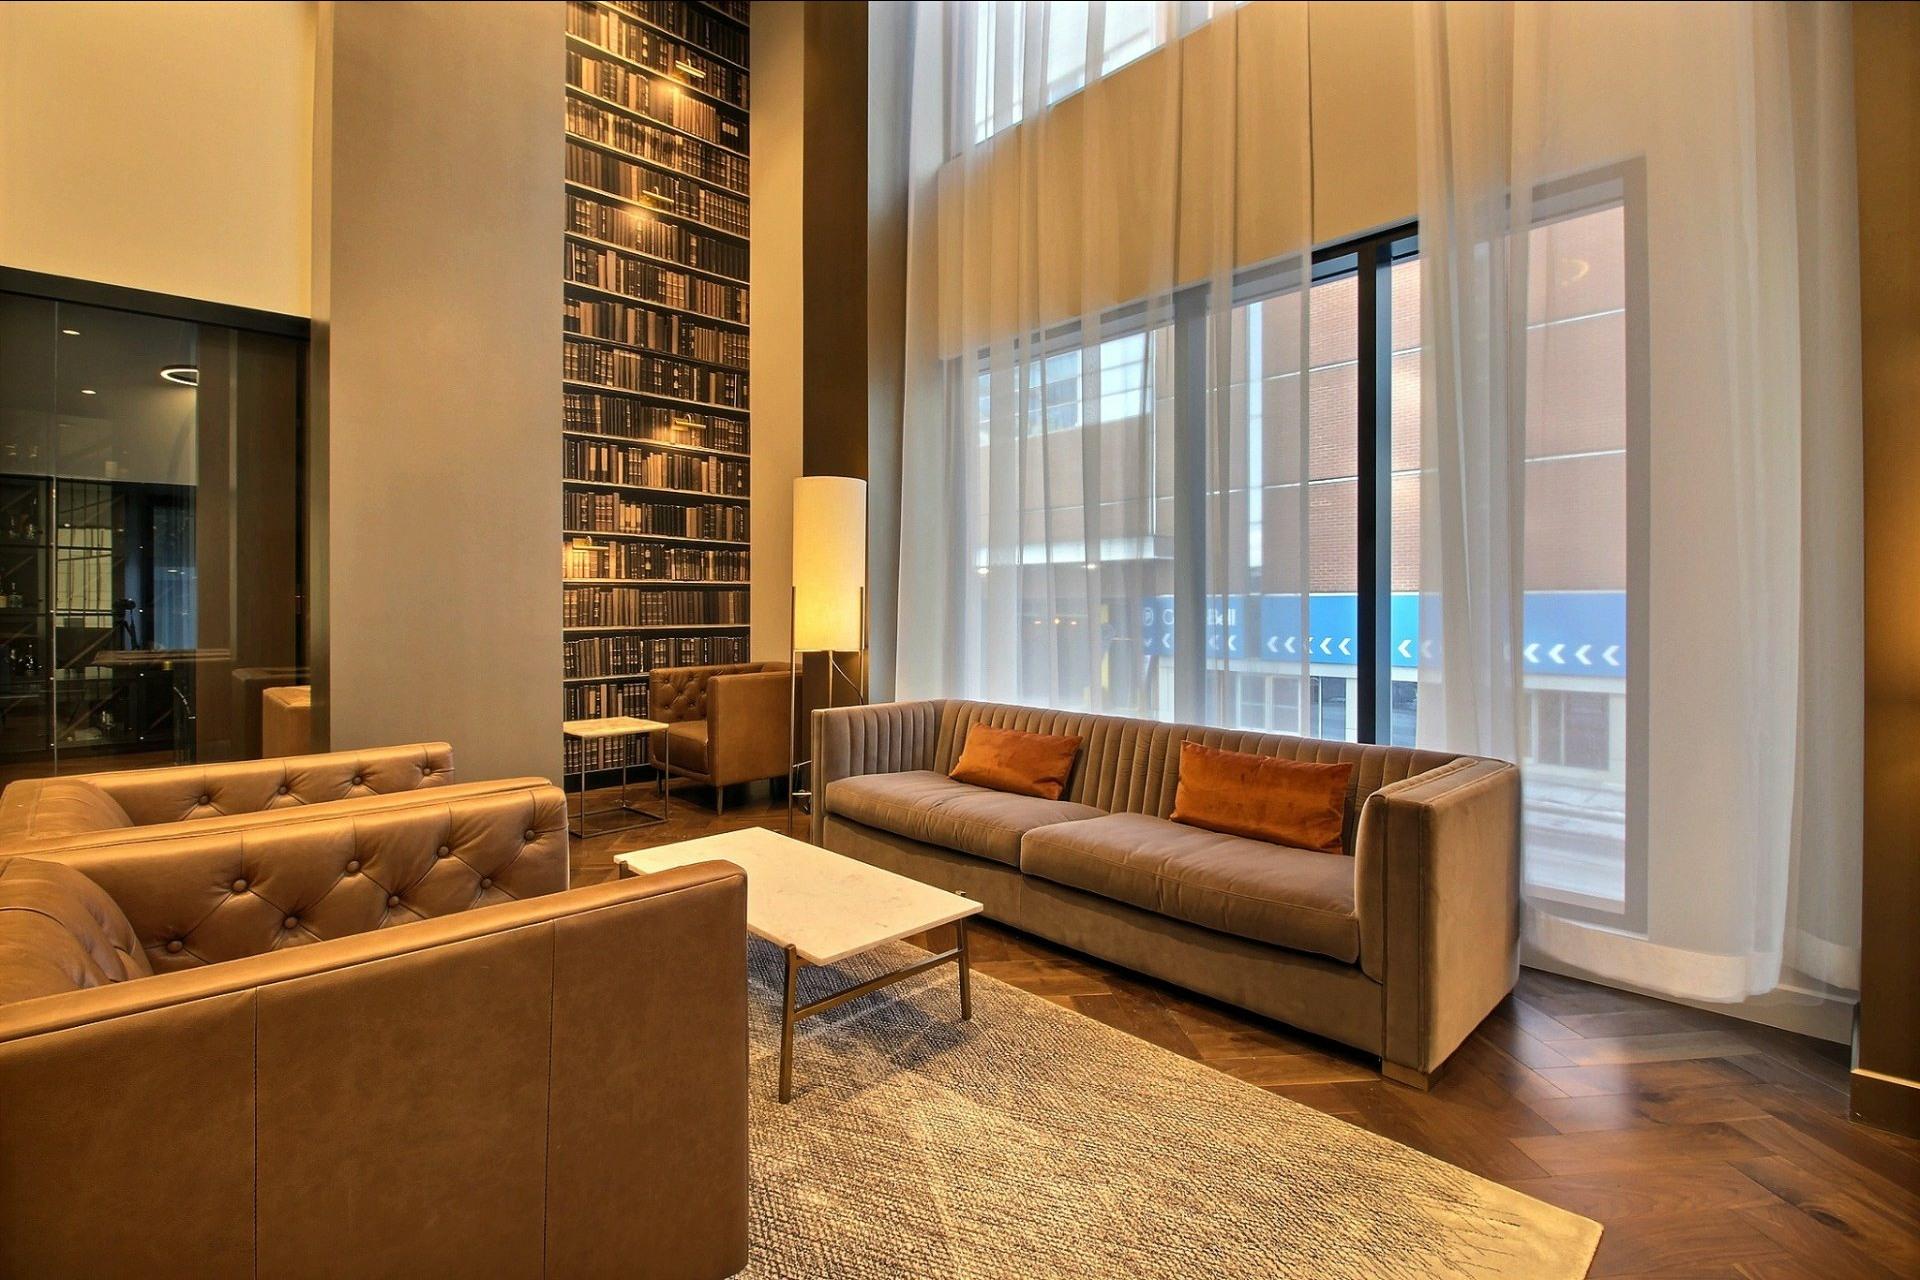 image 10 - Appartement À louer Ville-Marie Montréal  - 7 pièces